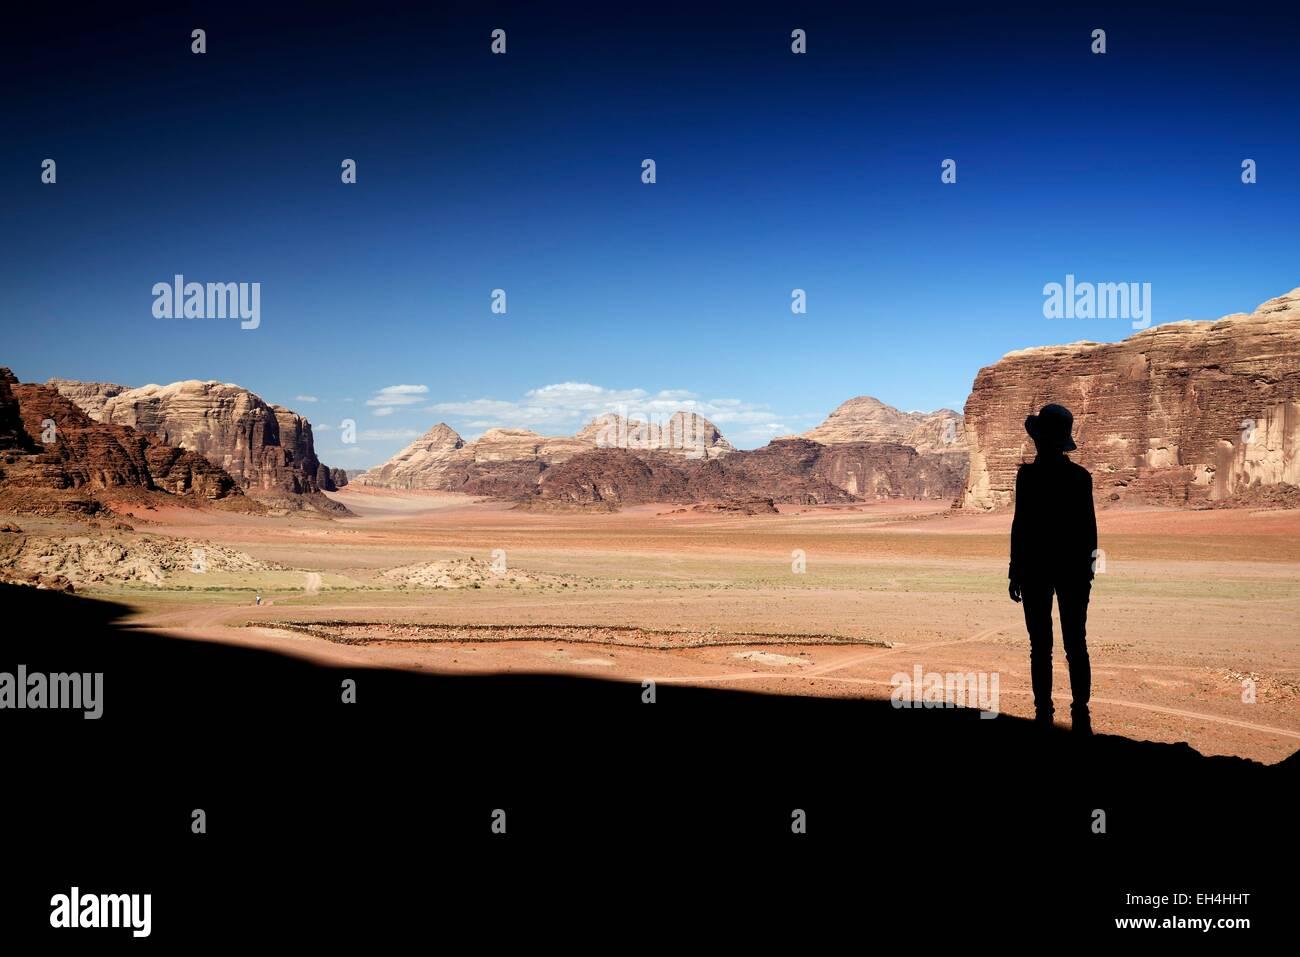 La Jordanie, Wadi Rum, zone protégée inscrite au Patrimoine Mondial de l'UNESCO, silhouette d'une Photo Stock